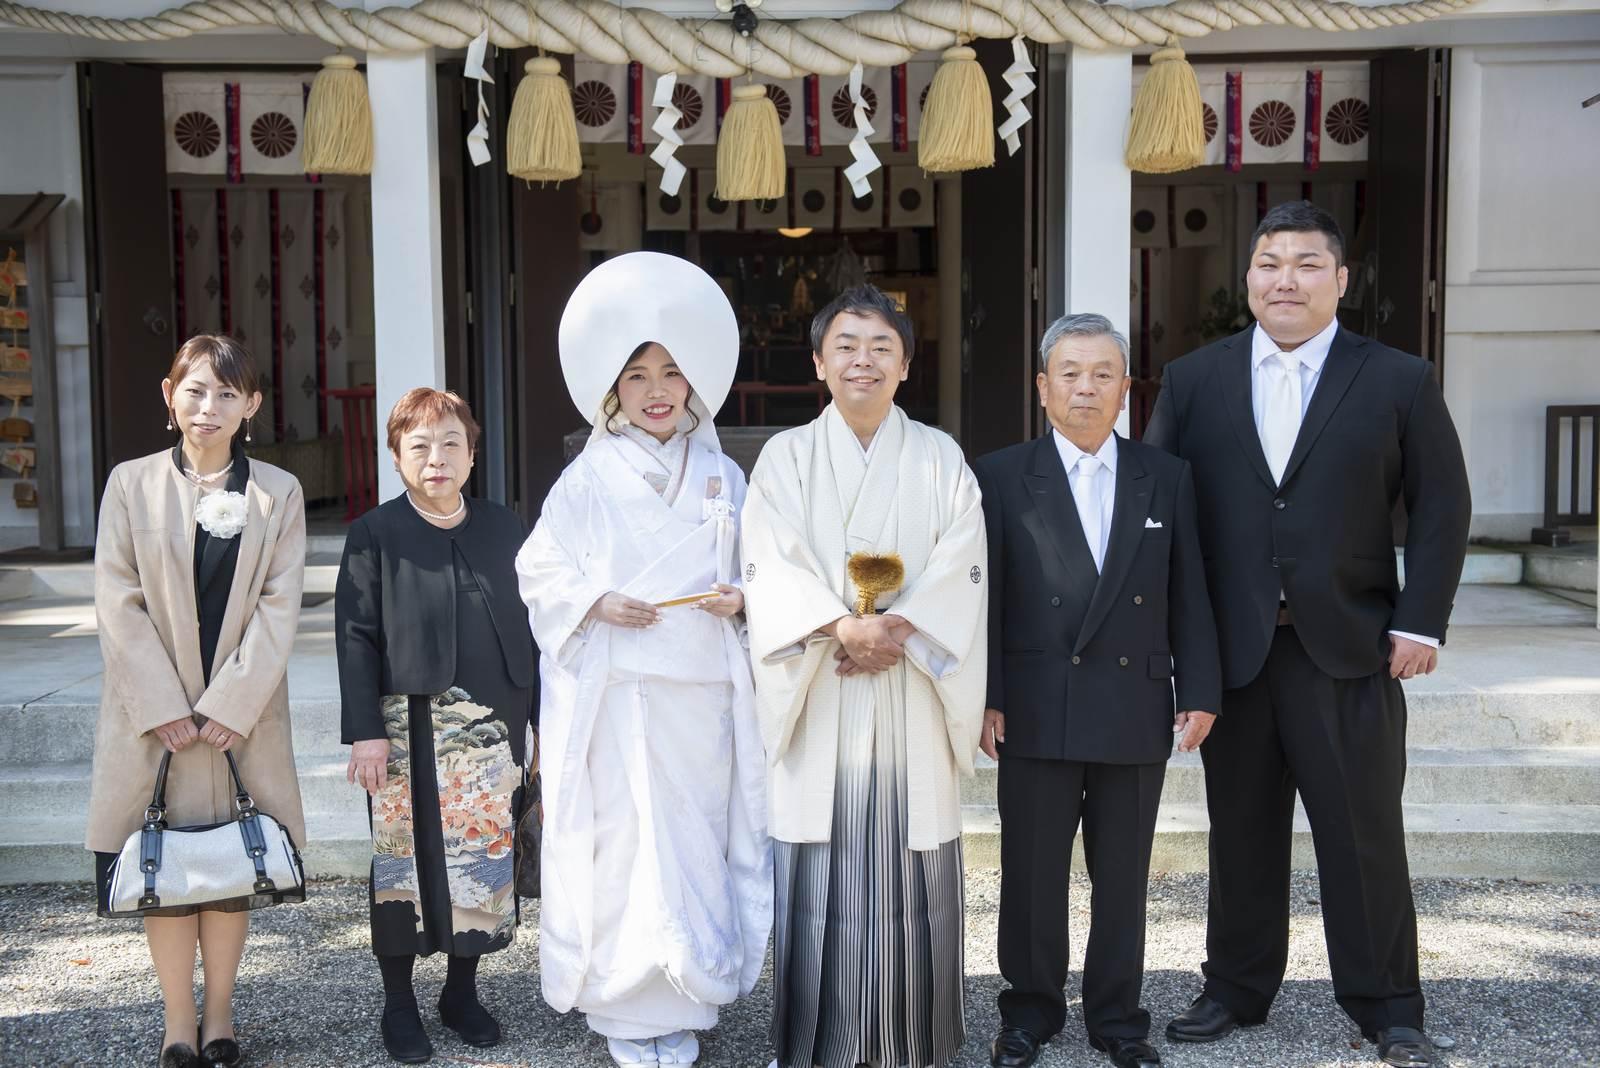 徳島市の結婚式場ブランアンジュで披露宴を行う前に挙式をした忌部神社で親族と写真撮影する新郎新婦